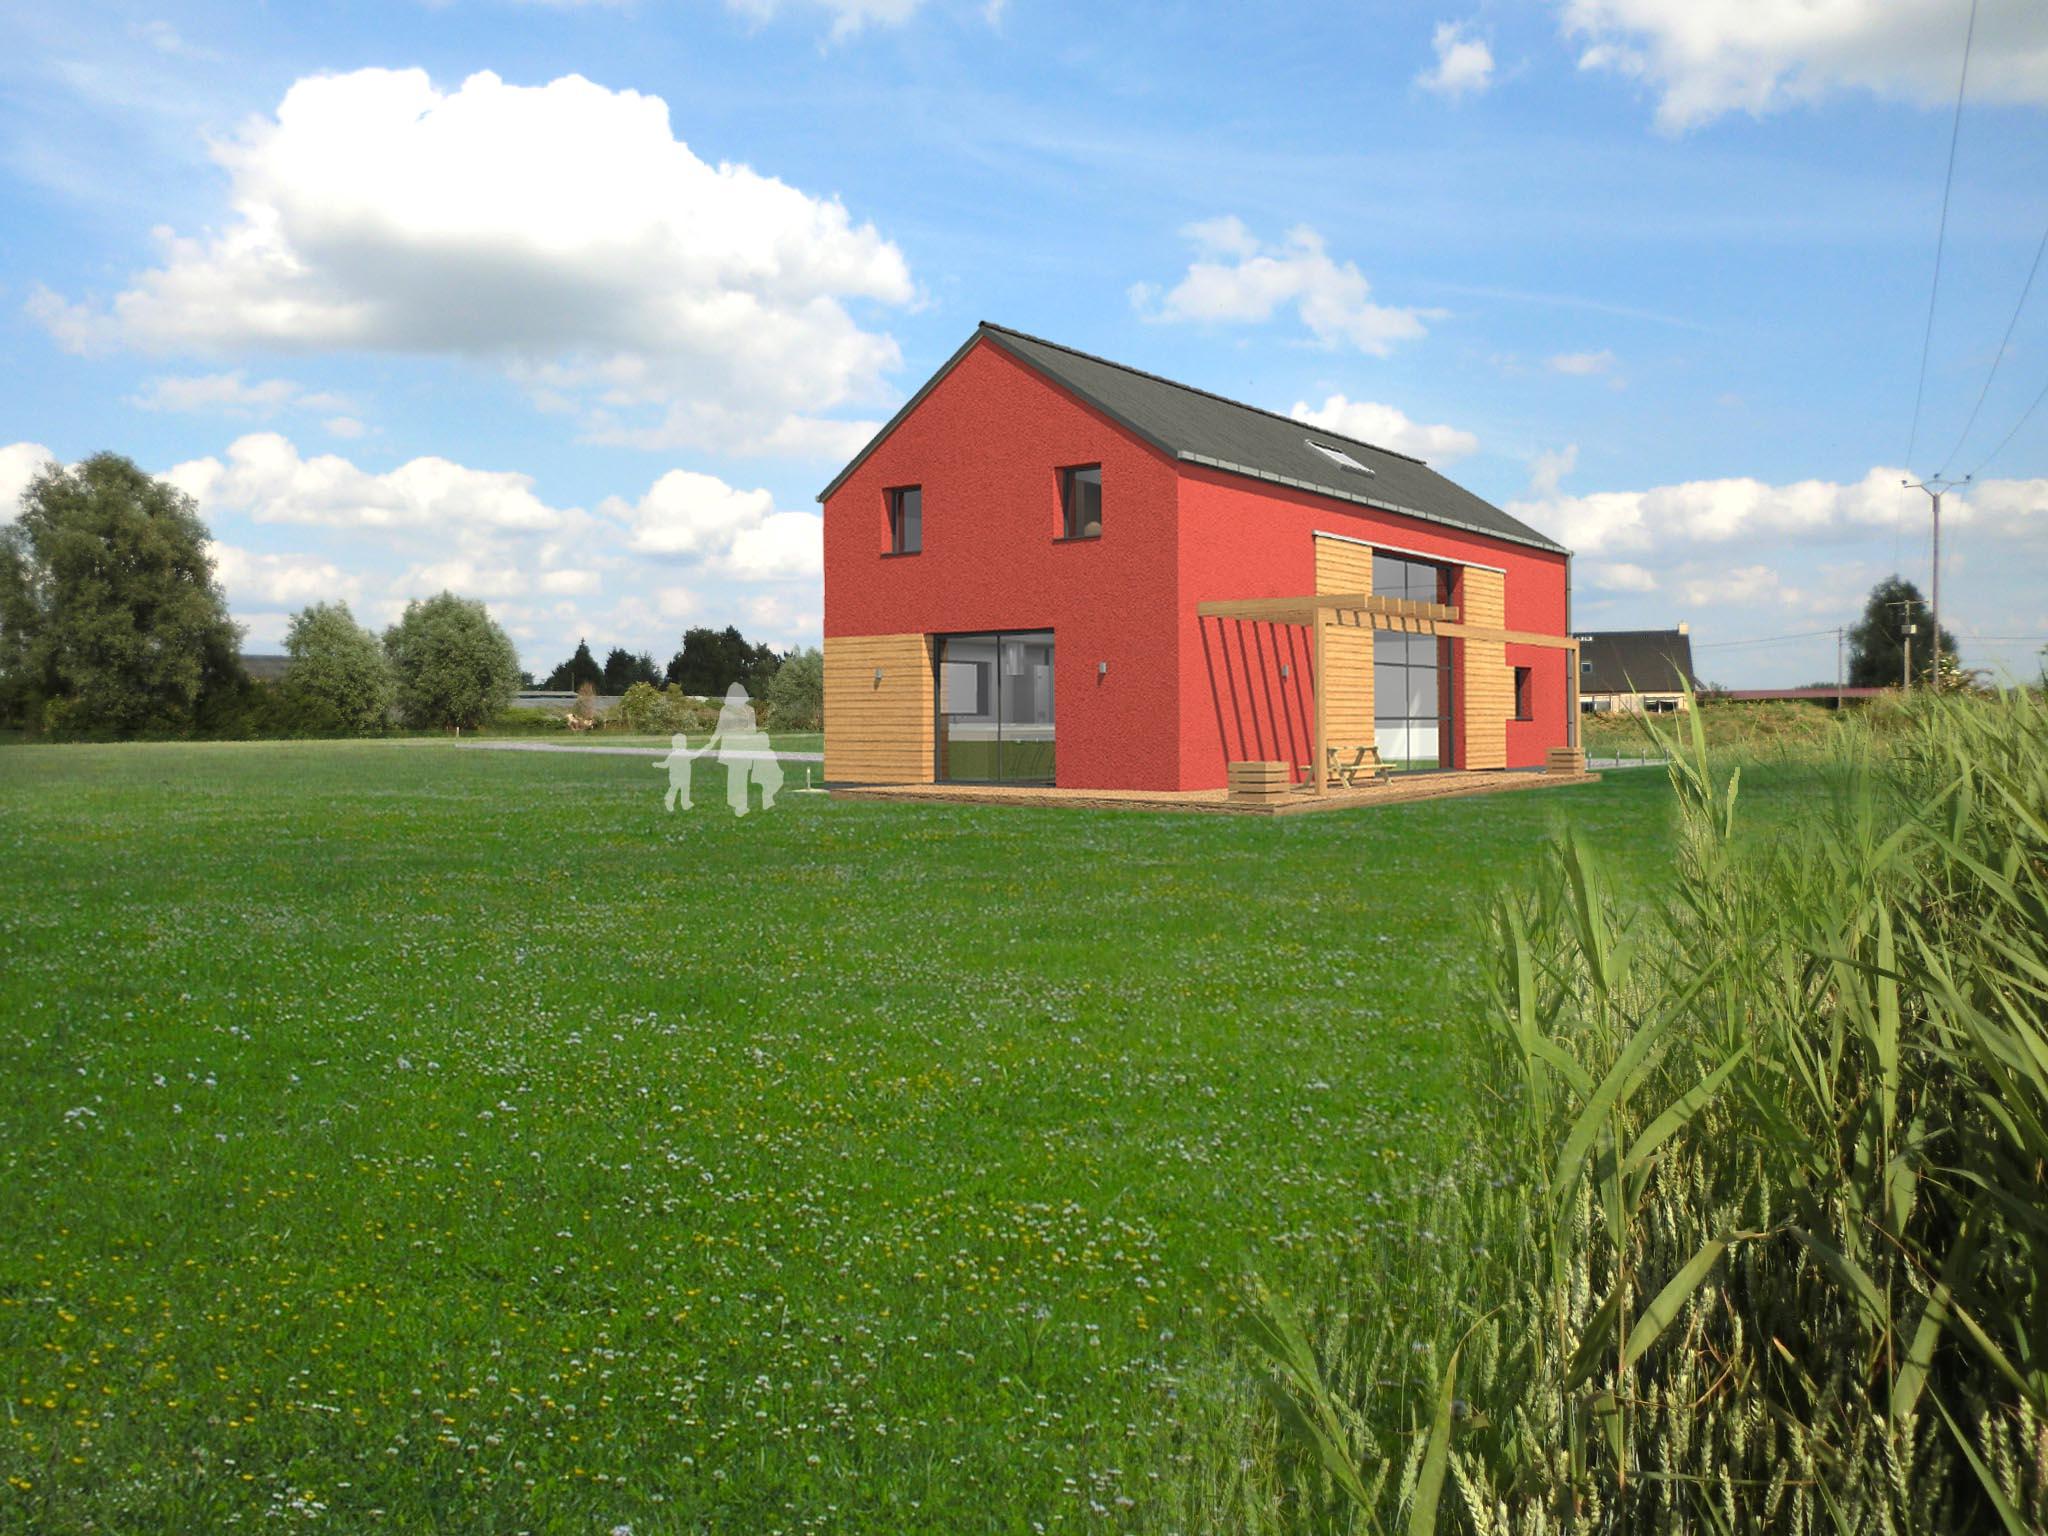 Comment construire une maison pas cher faire construire for Contruire maison